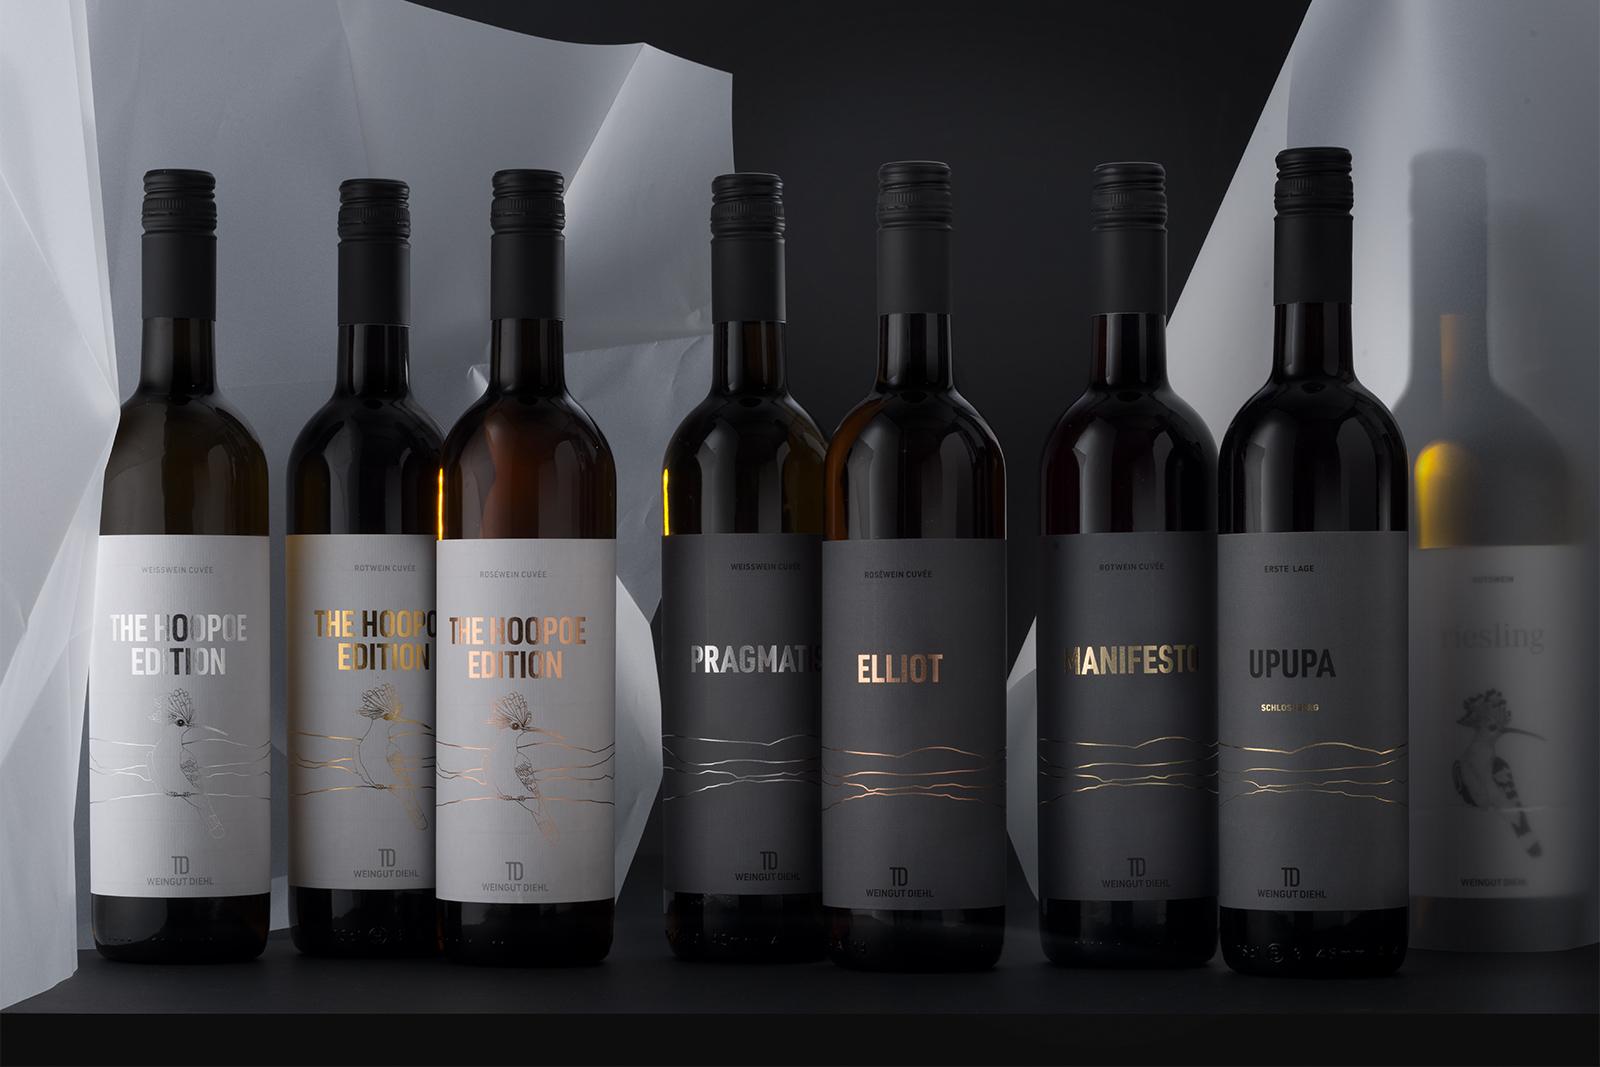 TD Signature Weine - die Cuvées - hier sind alle Linien gleich stark und alle Weine tragen einen Namen